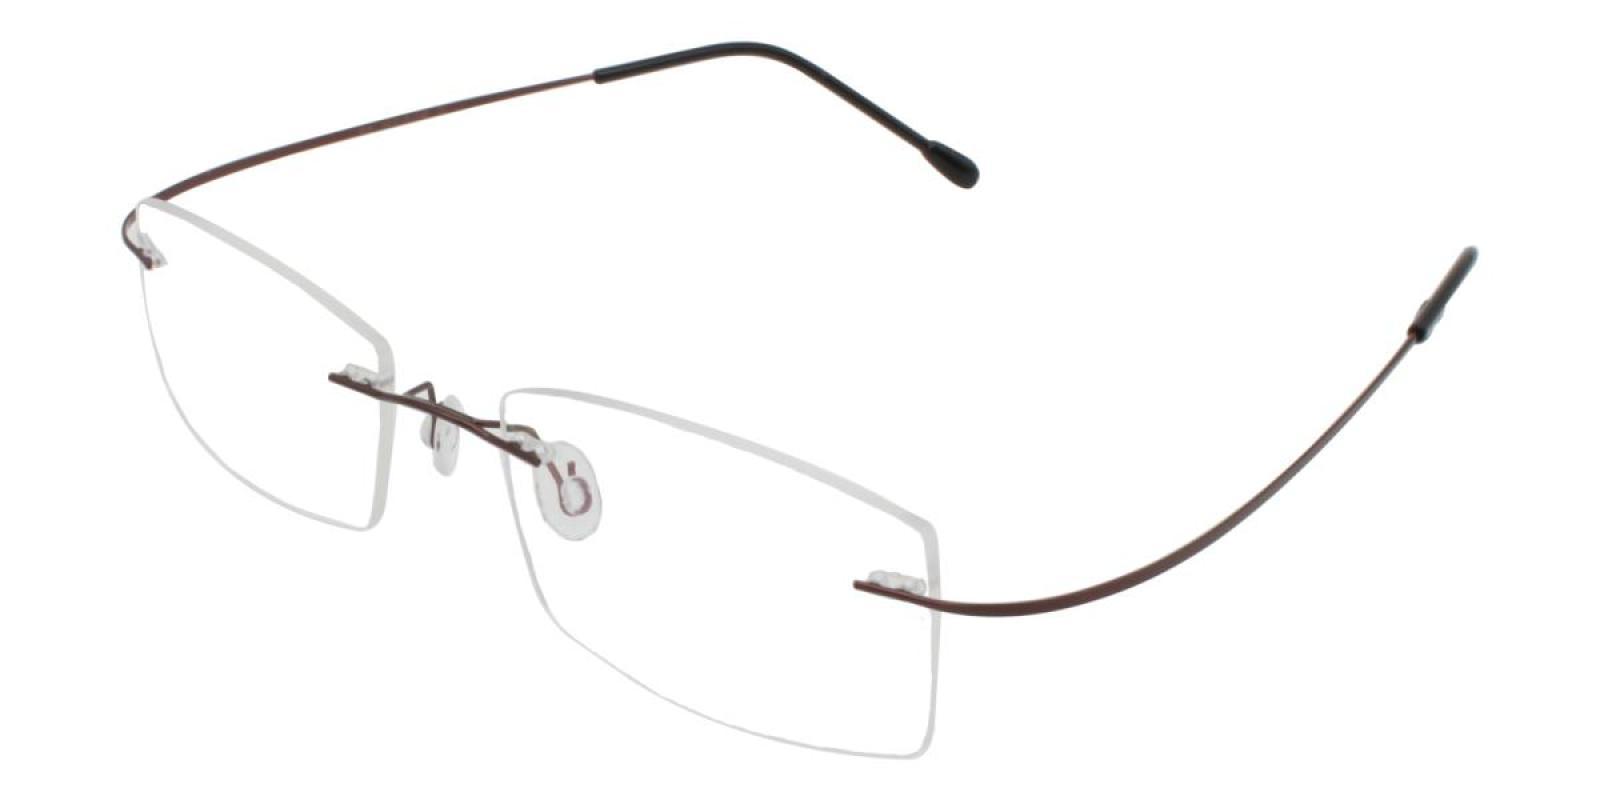 Slimly-Brown-Varieties-Memory / Metal-Eyeglasses-additional1